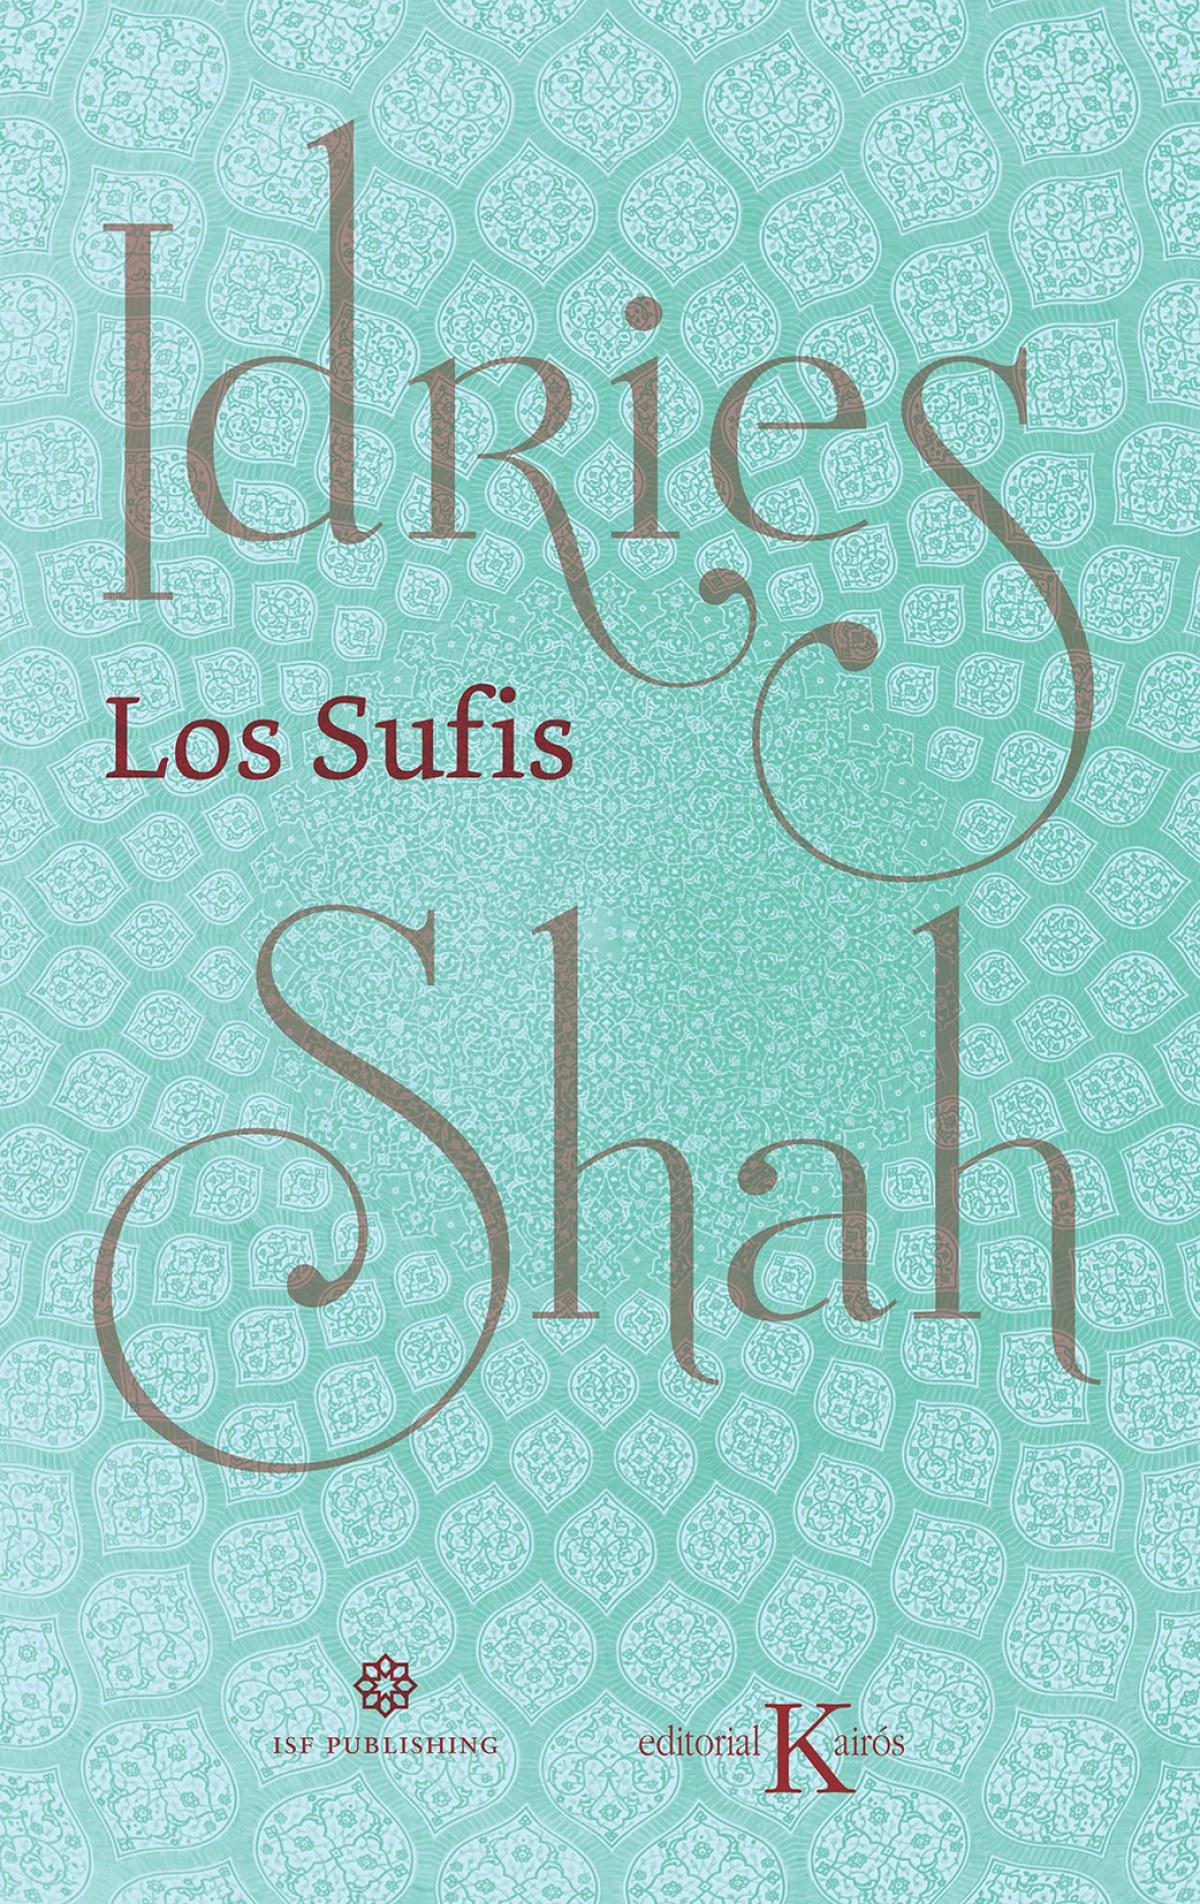 Los Sufis Nueva traducción